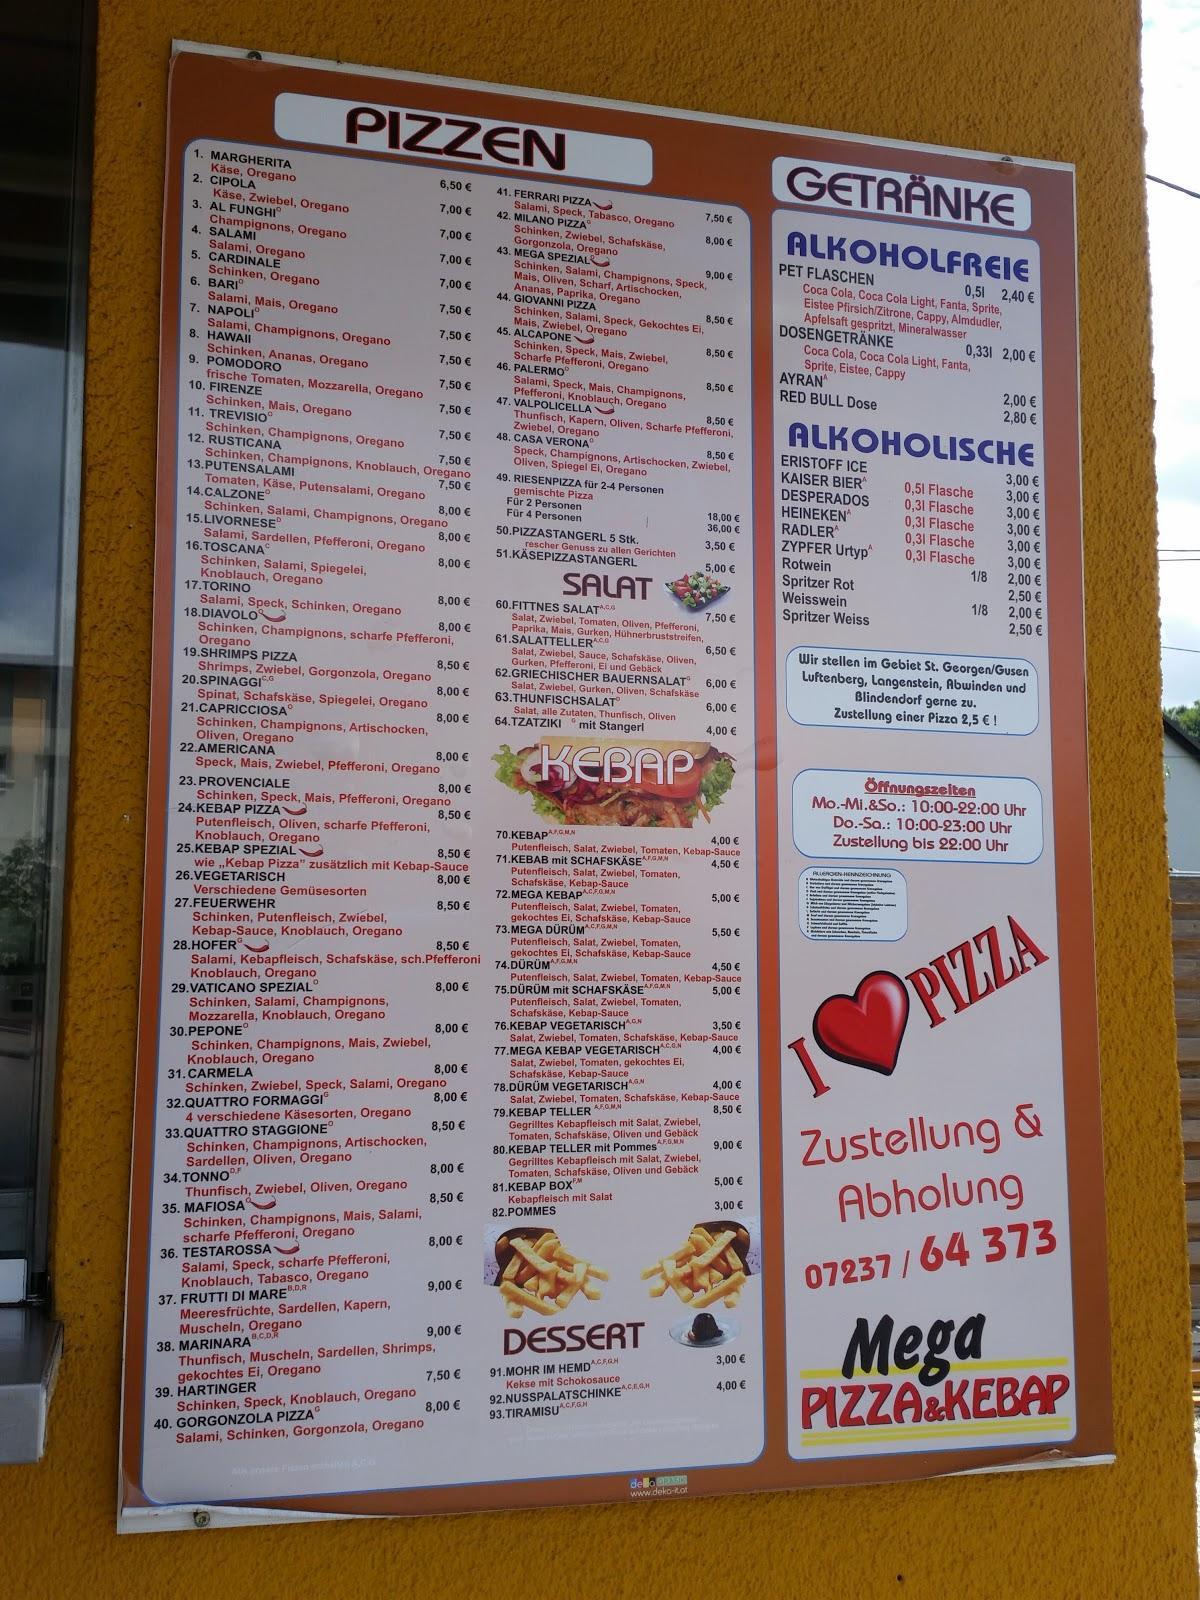 Wählt verschiedene Gerichte von der Speisekarte